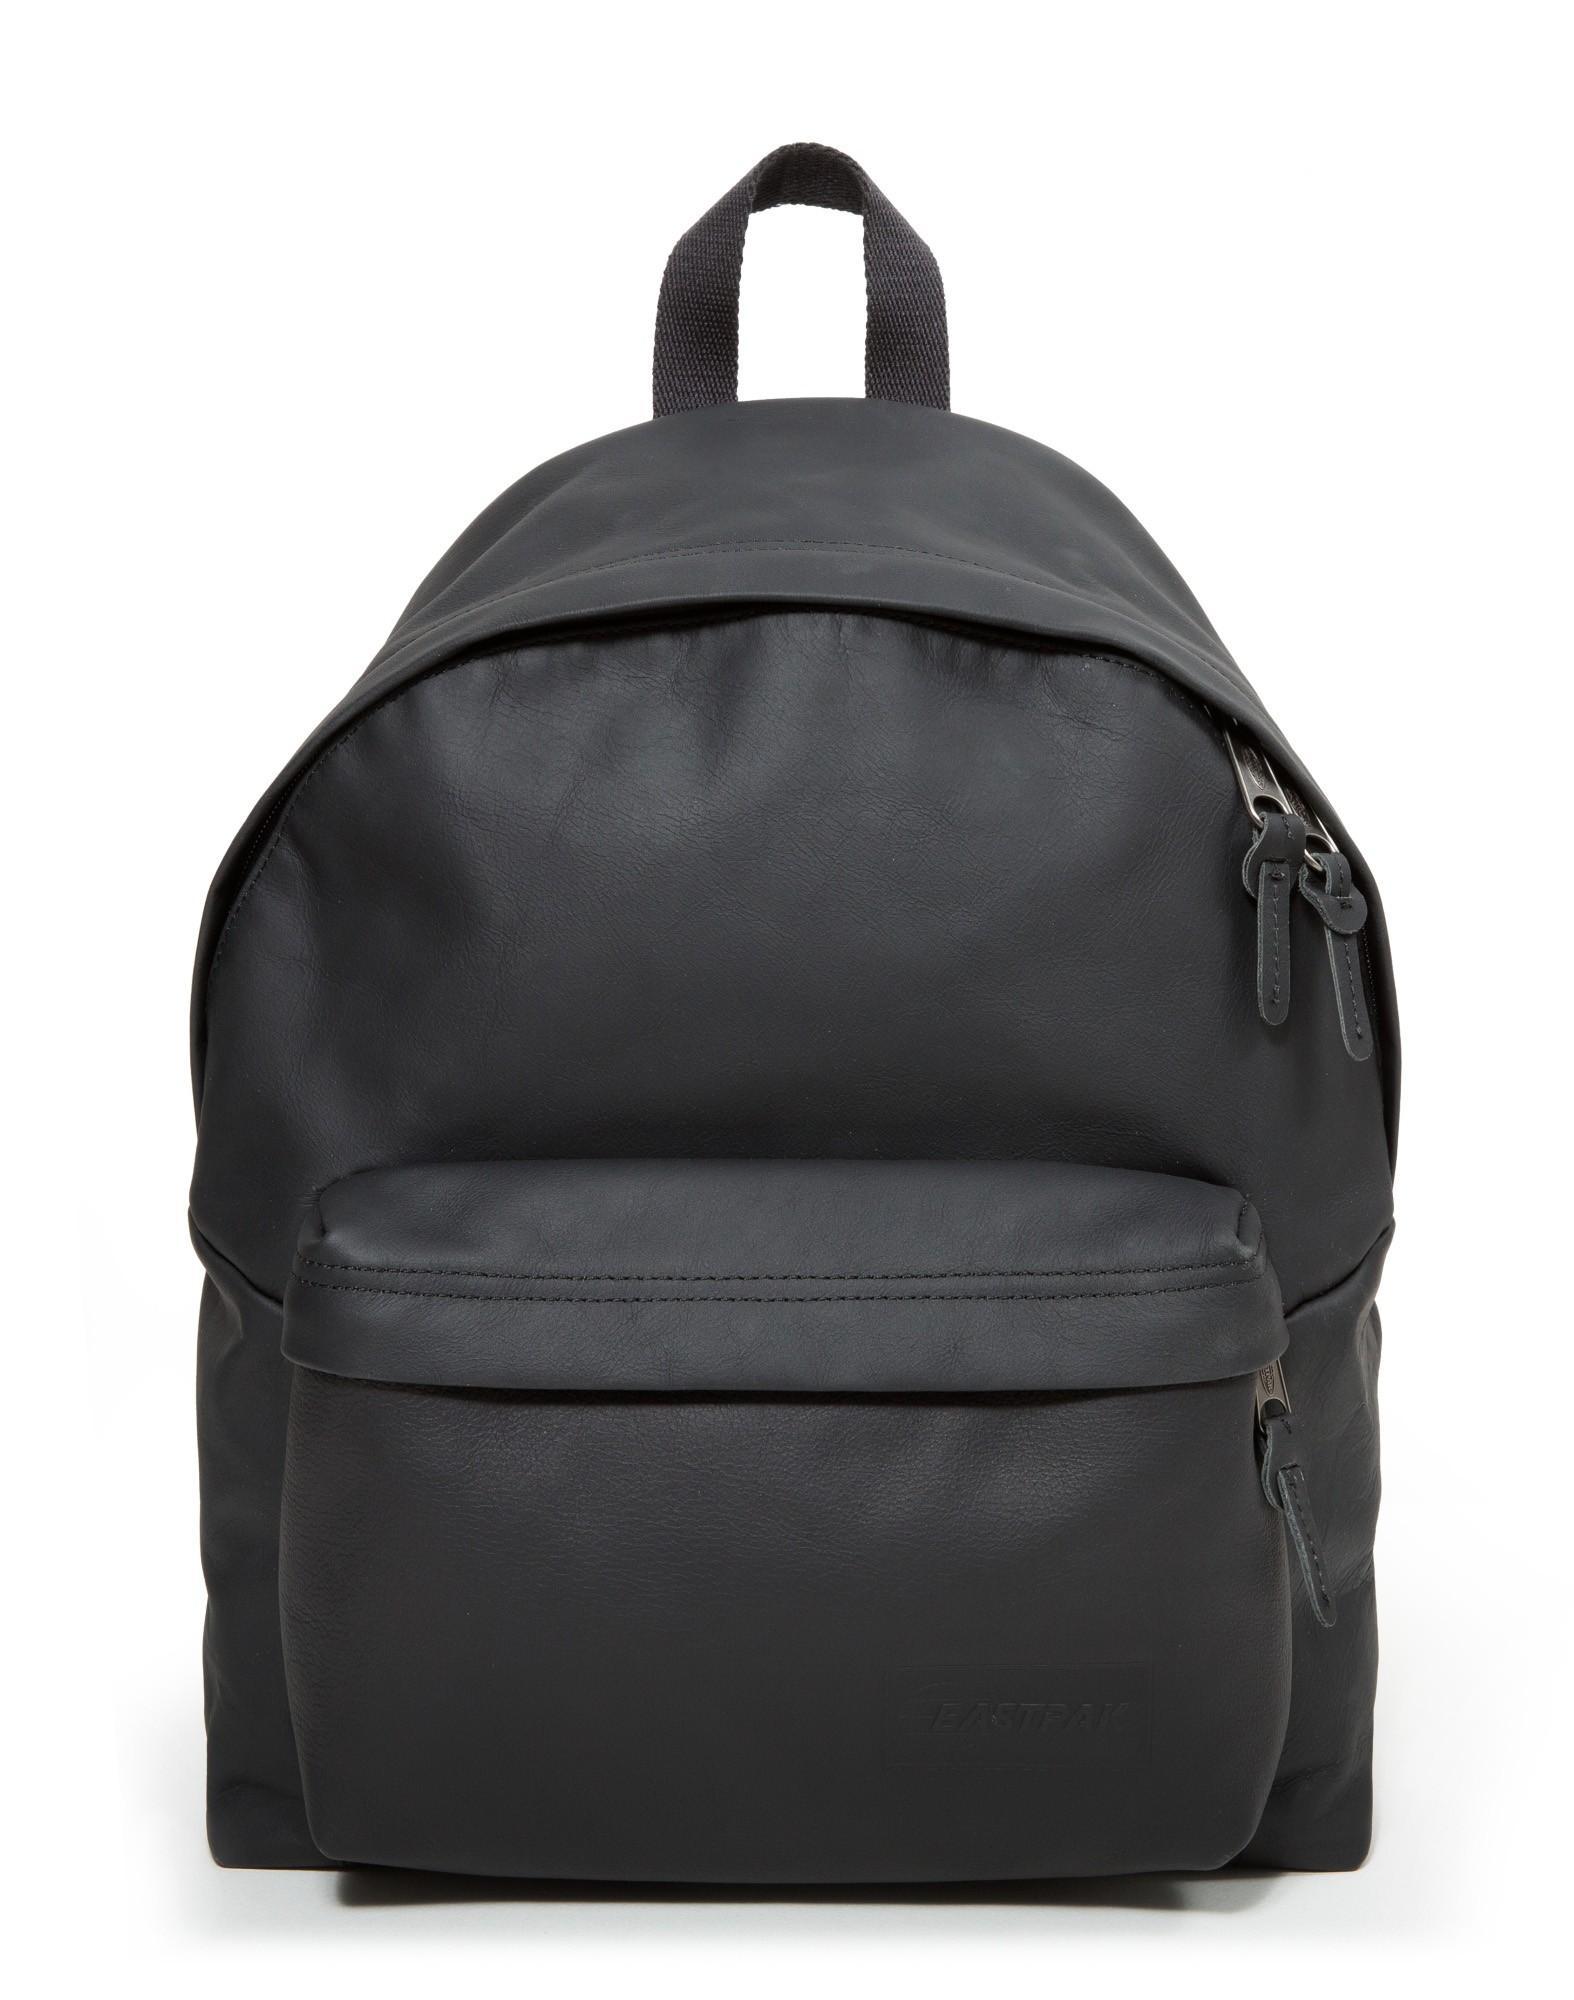 Leather Eastpak Backpack: Eastpak Padded Pak'r Leather Backpack Black In Black For